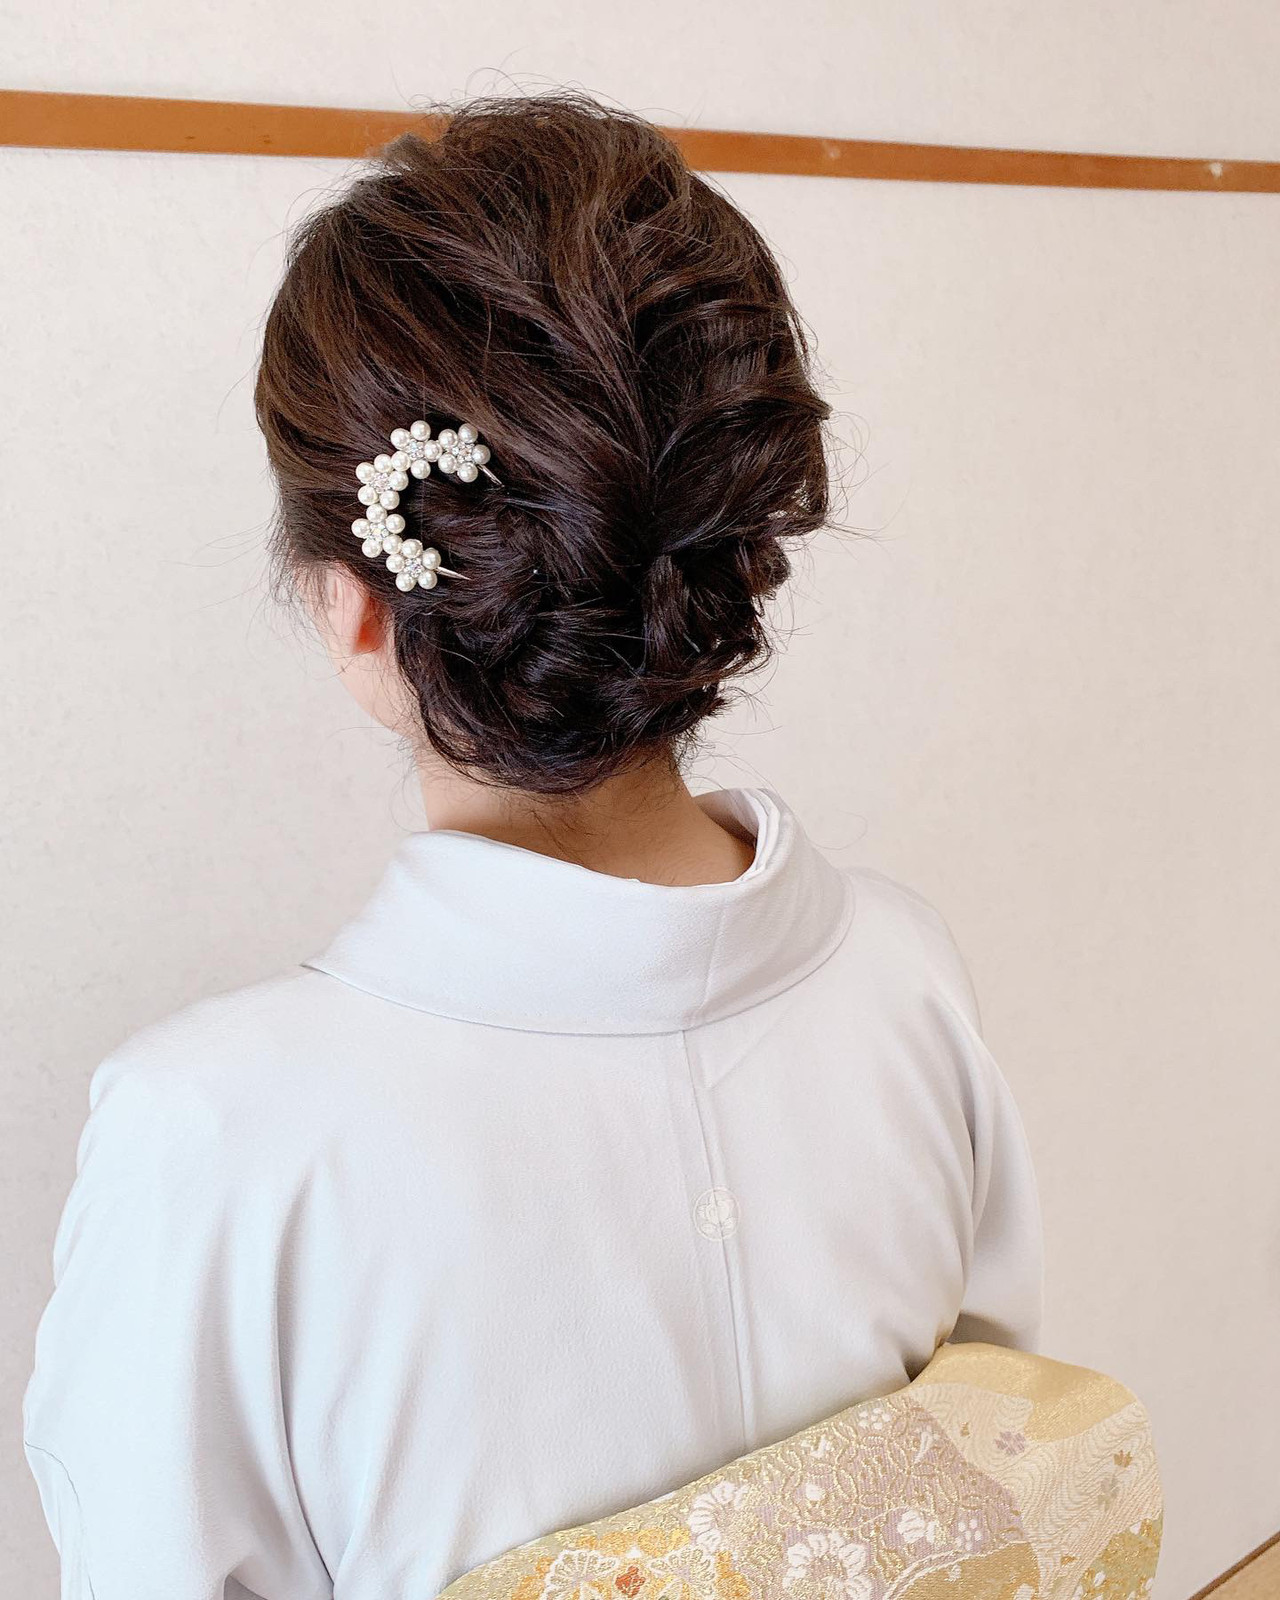 黒髪 結婚式 ヘアアレンジ 訪問着 ヘアスタイルや髪型の写真・画像